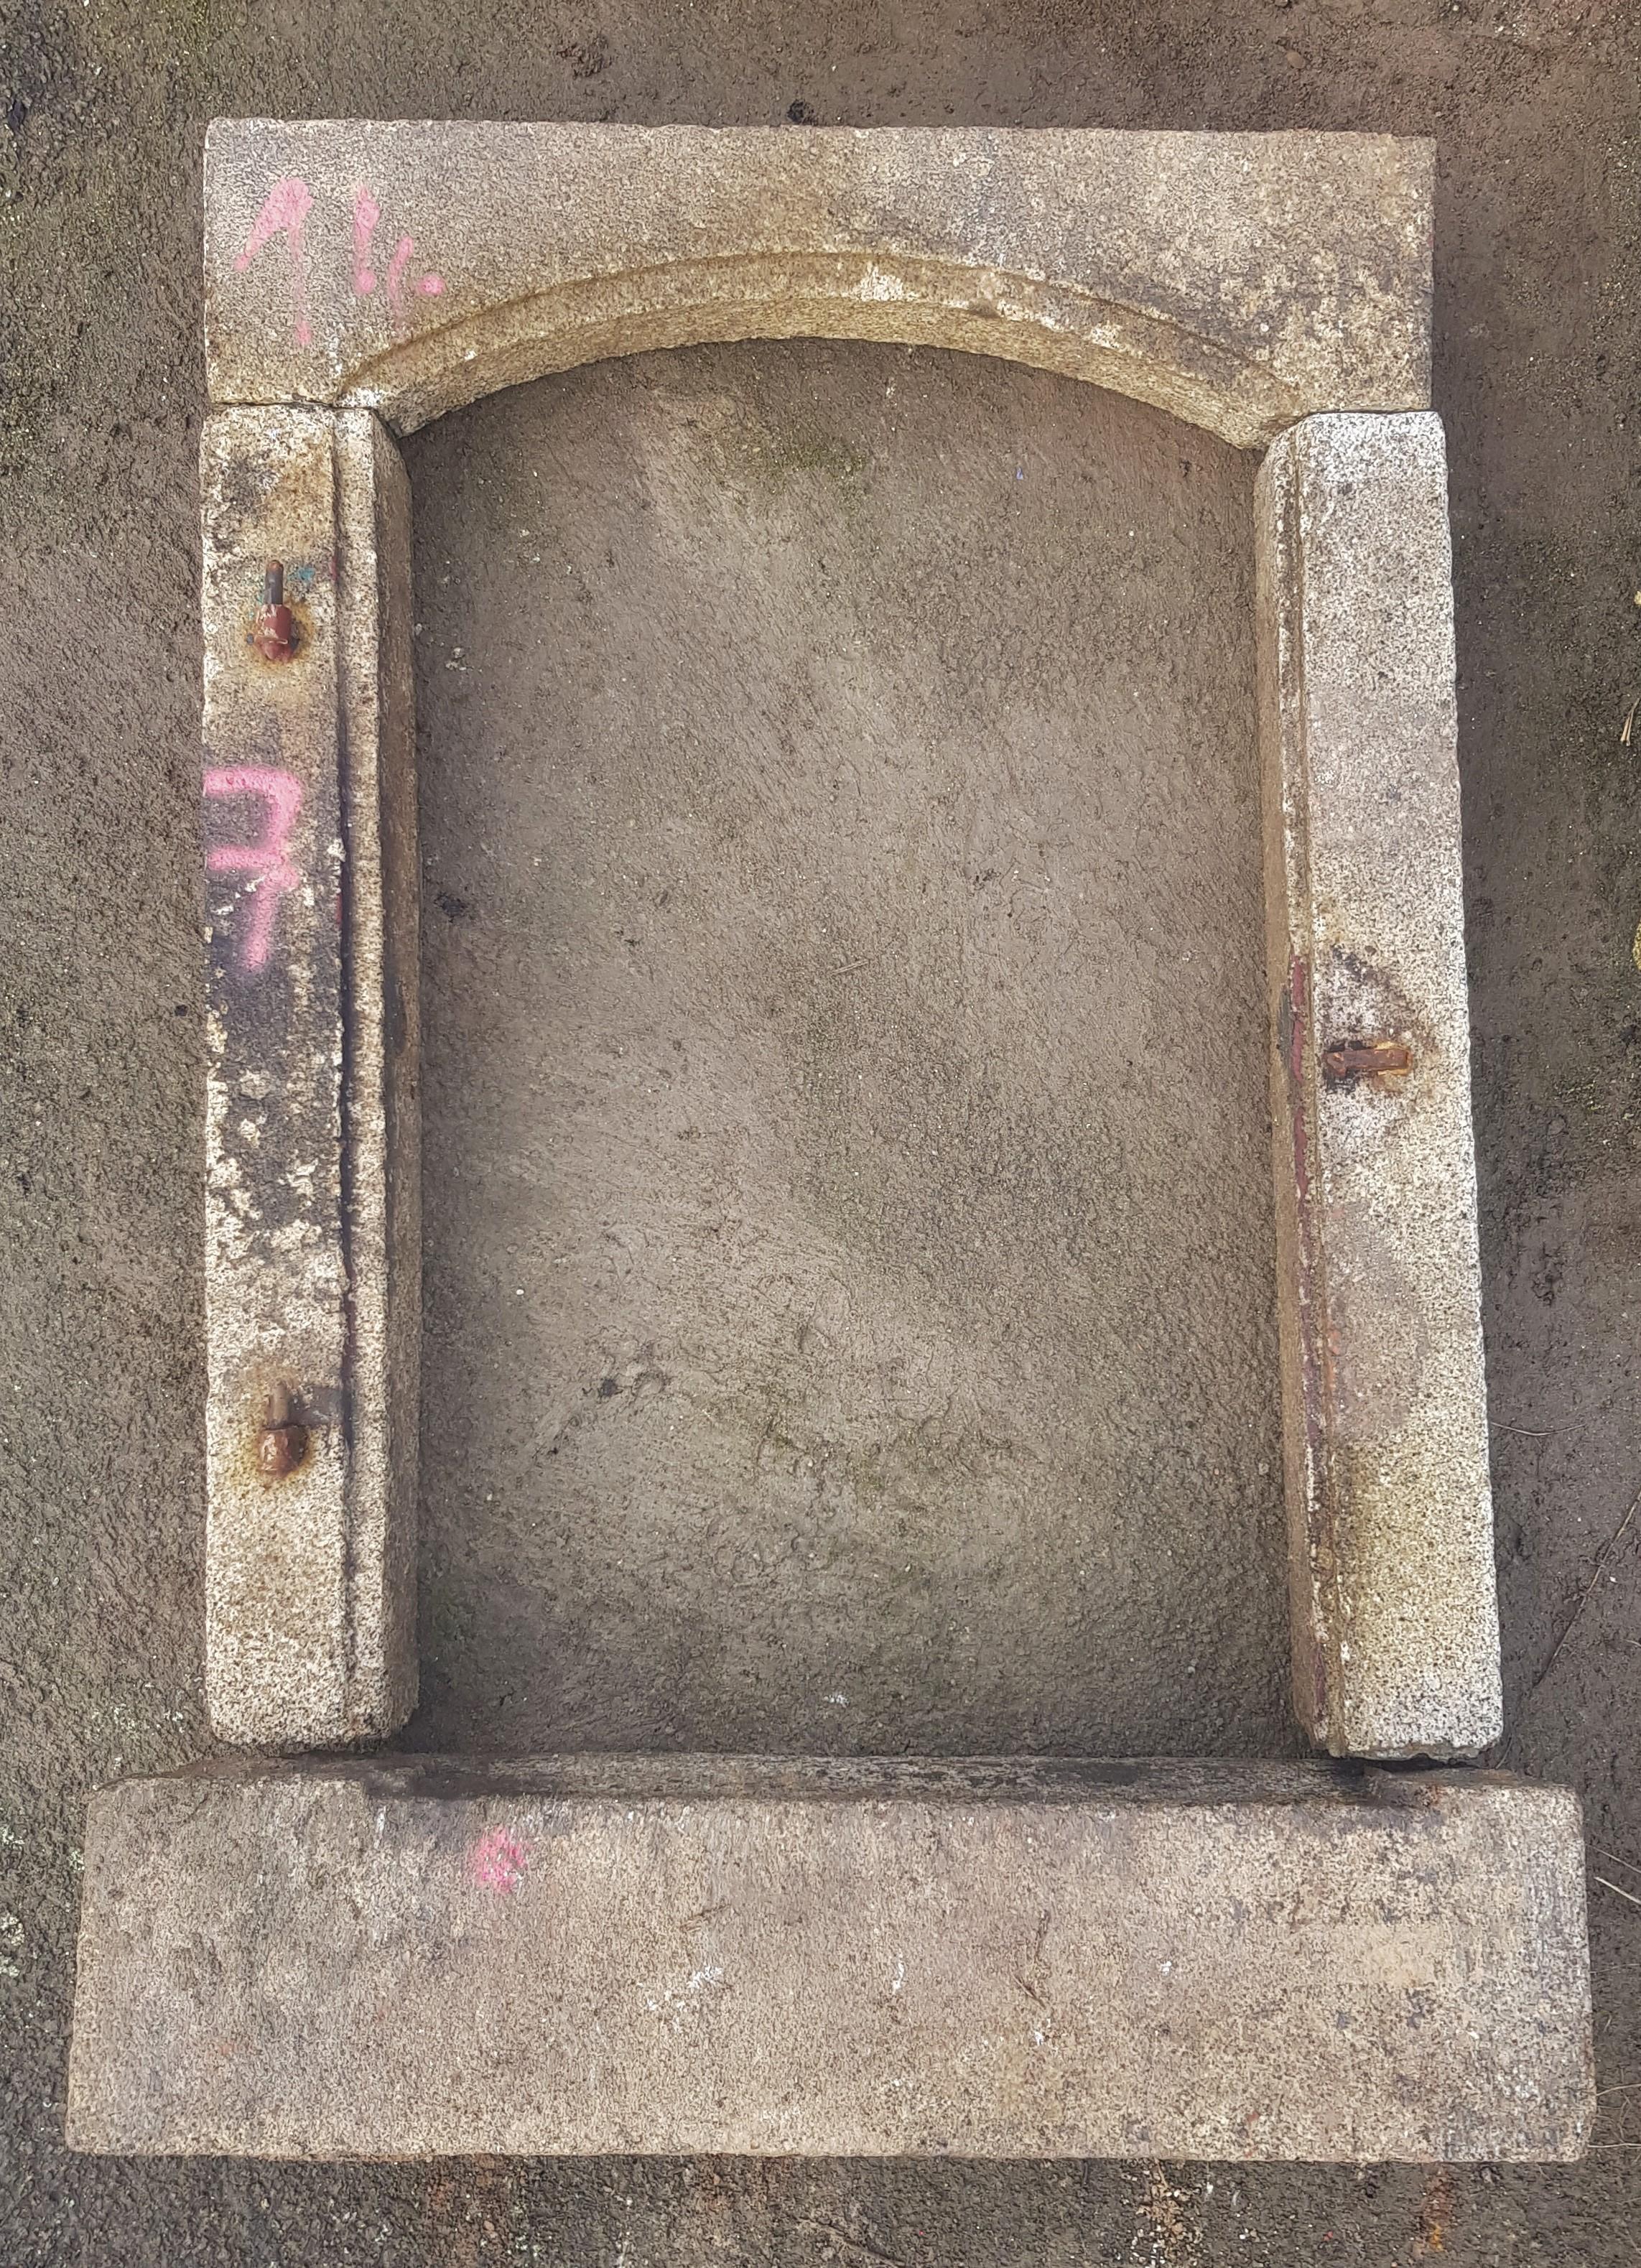 Fenstereinfassungen, Granit, historisch